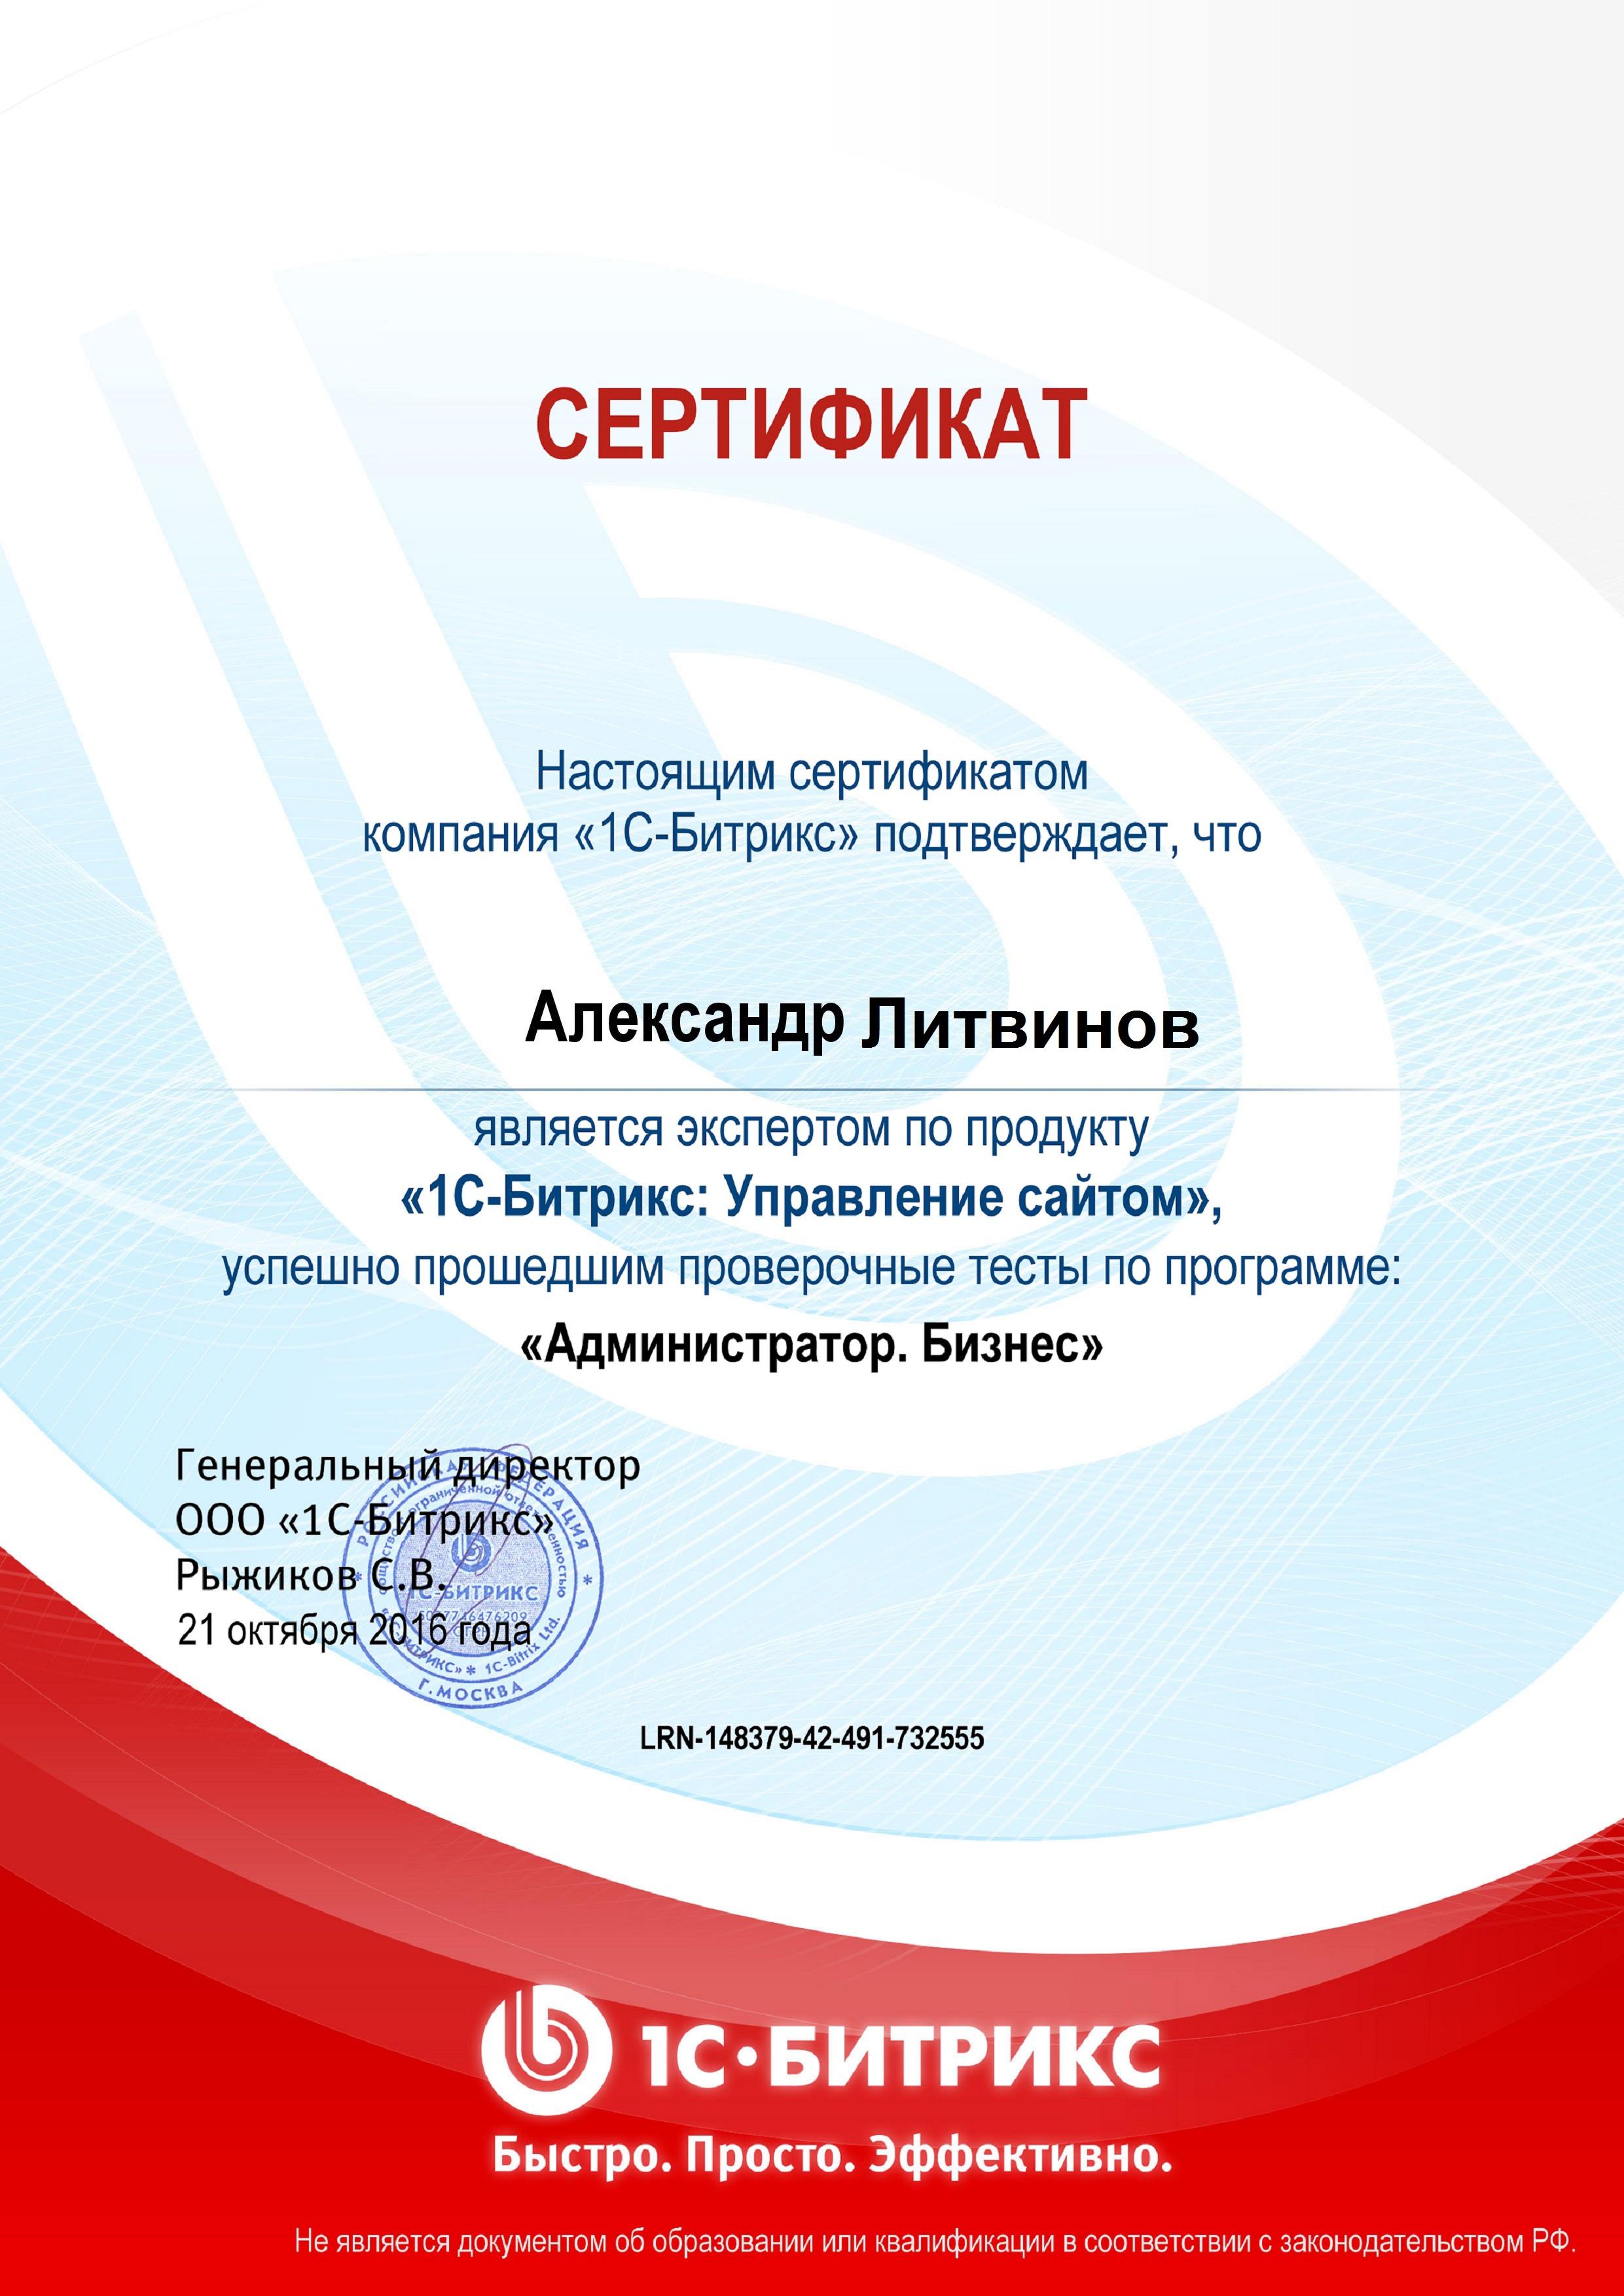 РАЗРАБОТКА САЙТОВ 1С БИТРИКС САНКТ-ПЕТЕРБУРГ